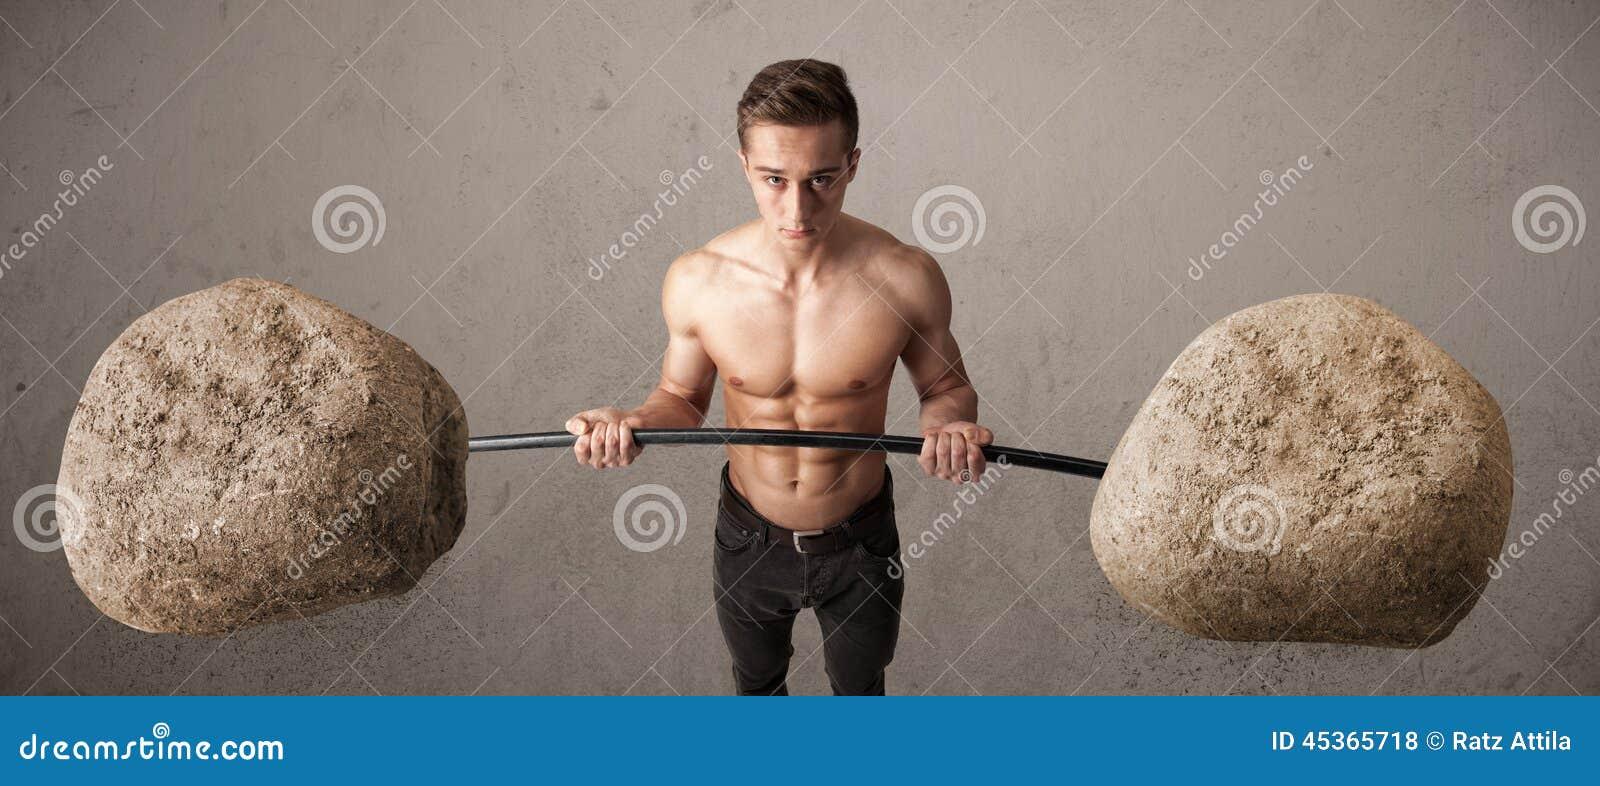 Homme musculaire soulevant de grands poids de pierre de roche